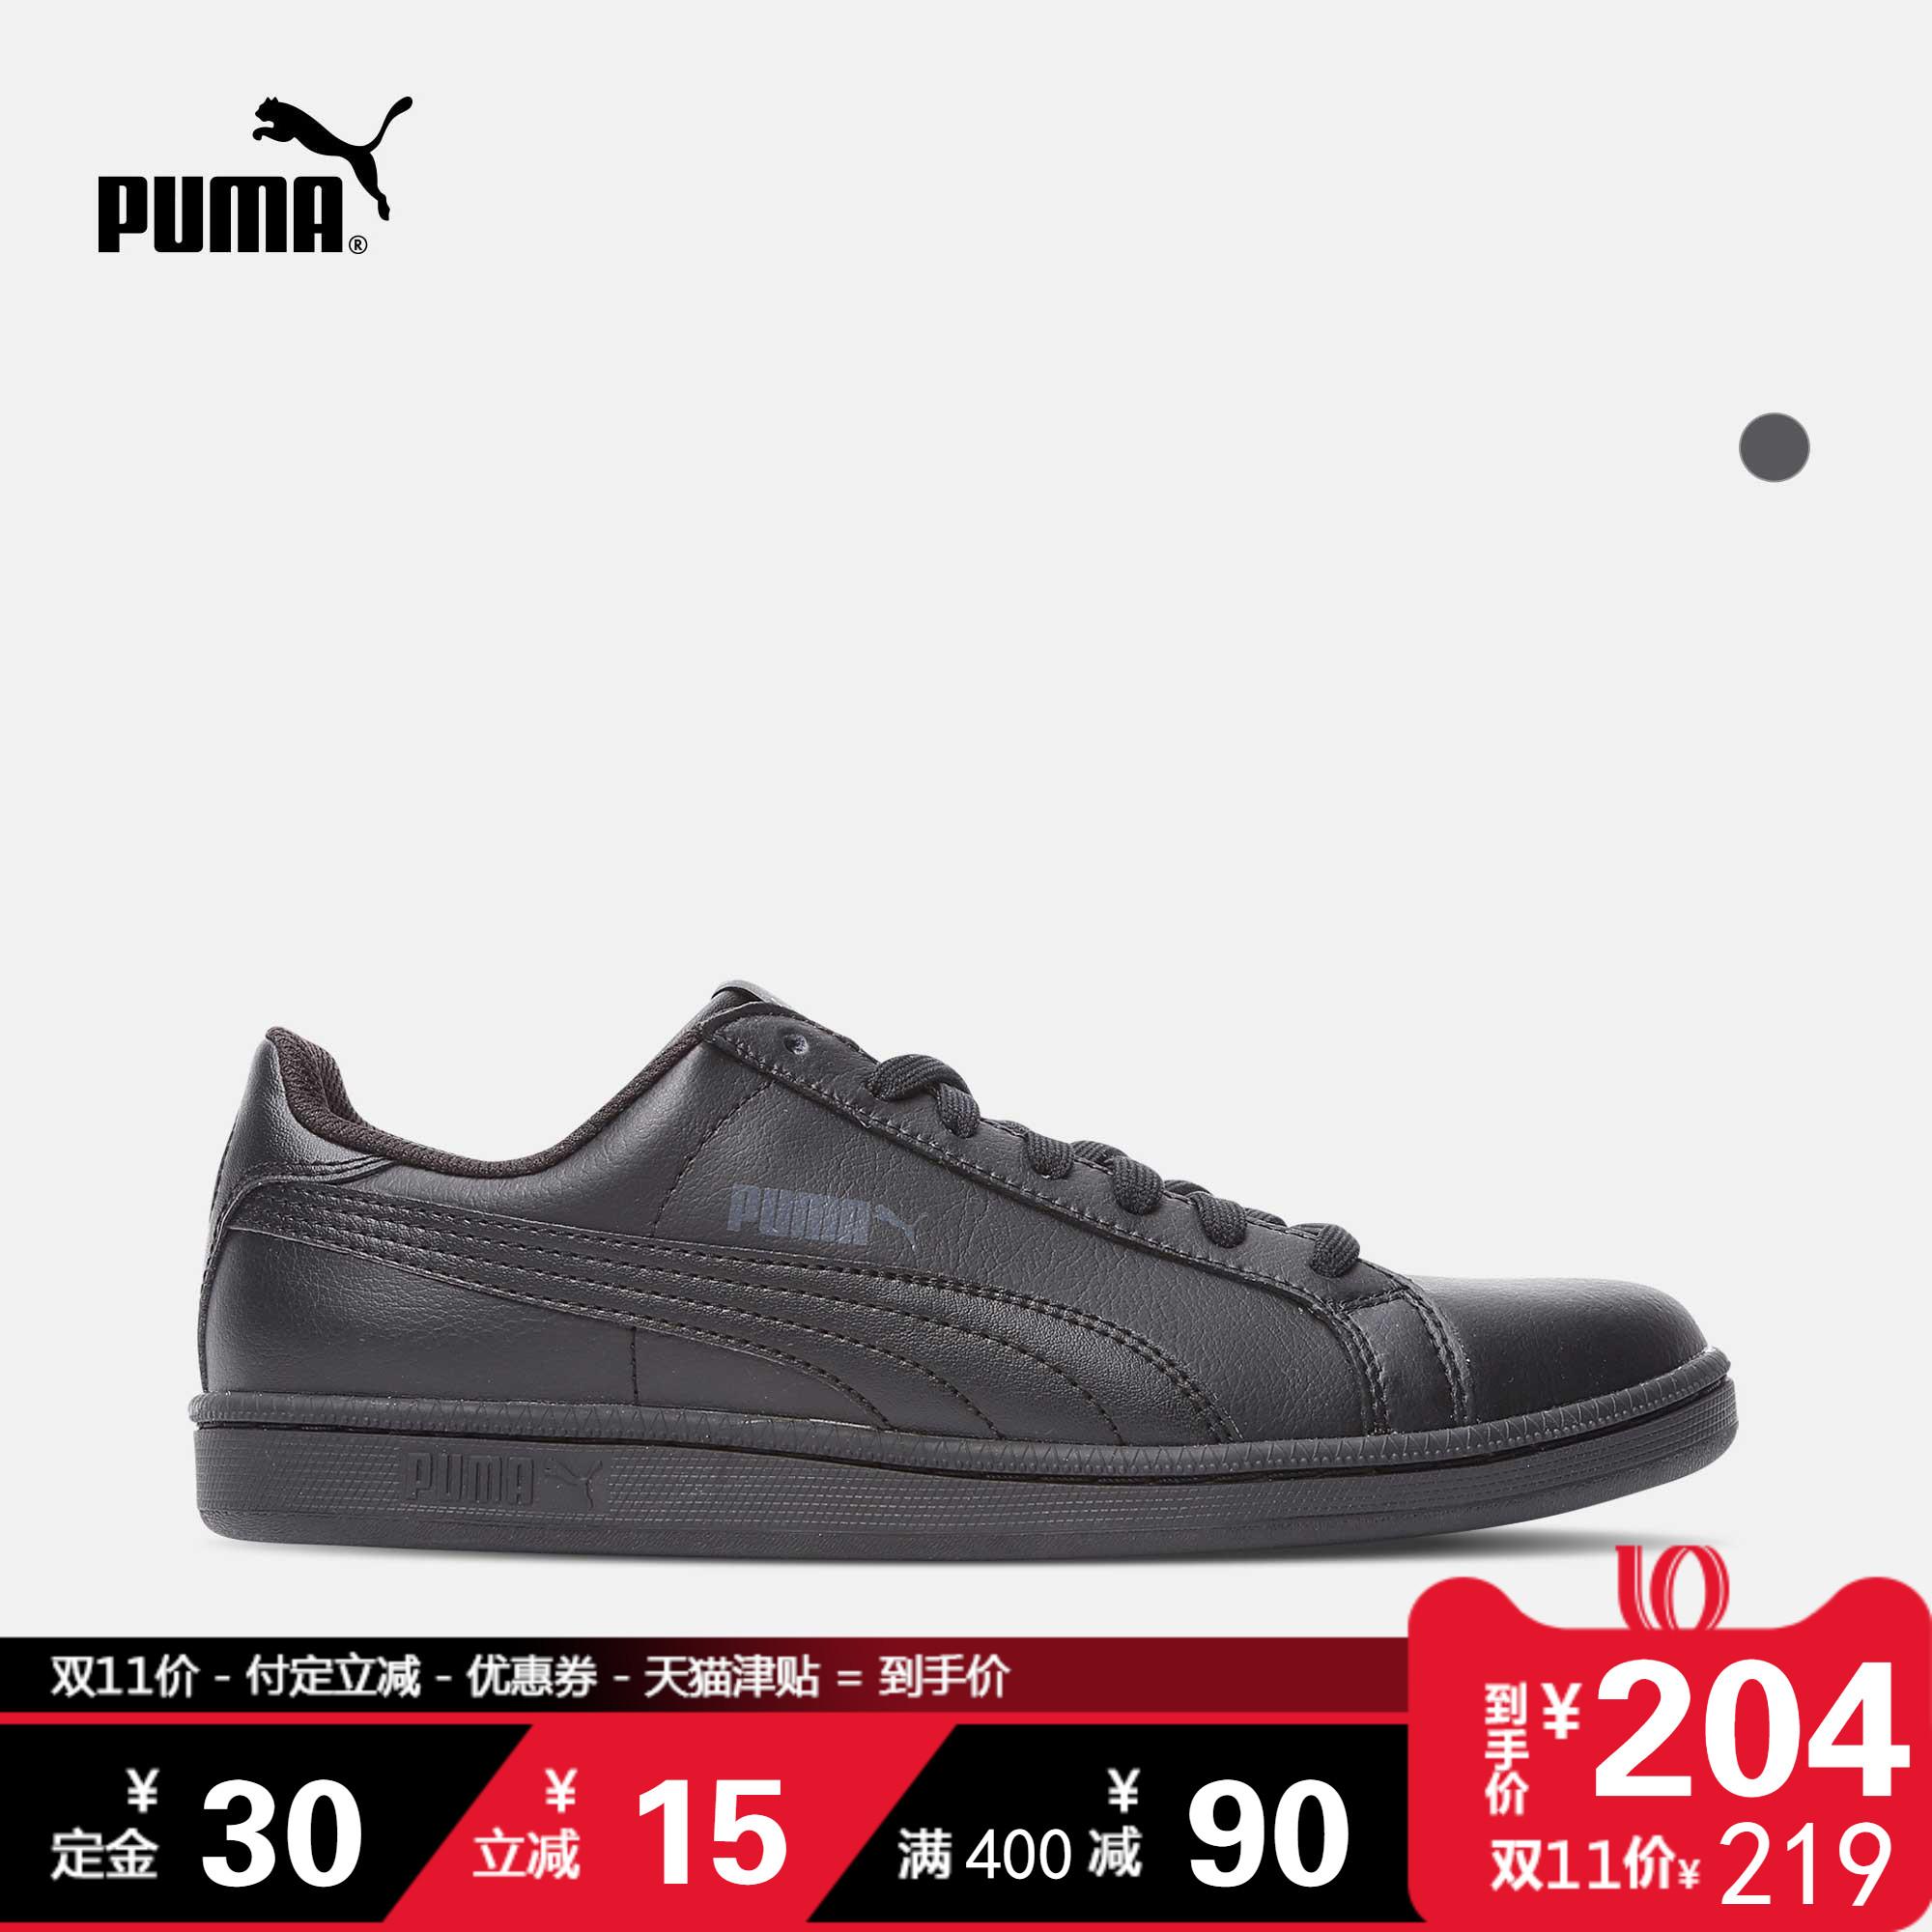 预售 PUMA彪马官方 男女同款休闲鞋 Smash L 356722